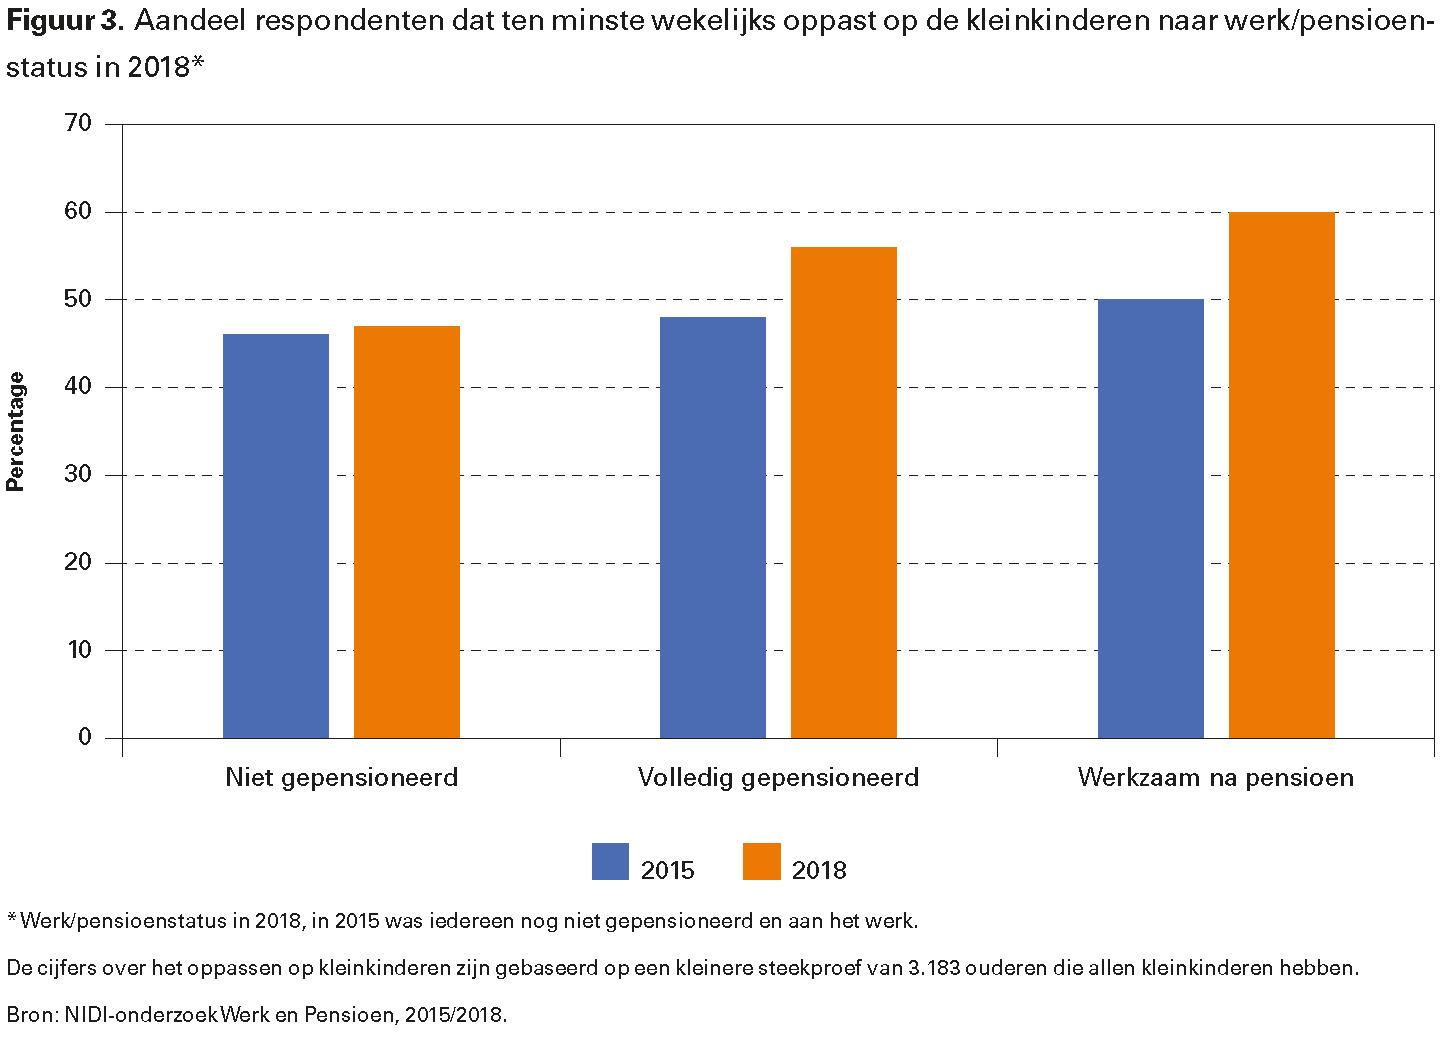 Figuur 3. Aandeel respondenten dat ten minste wekelijks oppast op de kleinkinderen naar werk/pensioenstatus in 2018*